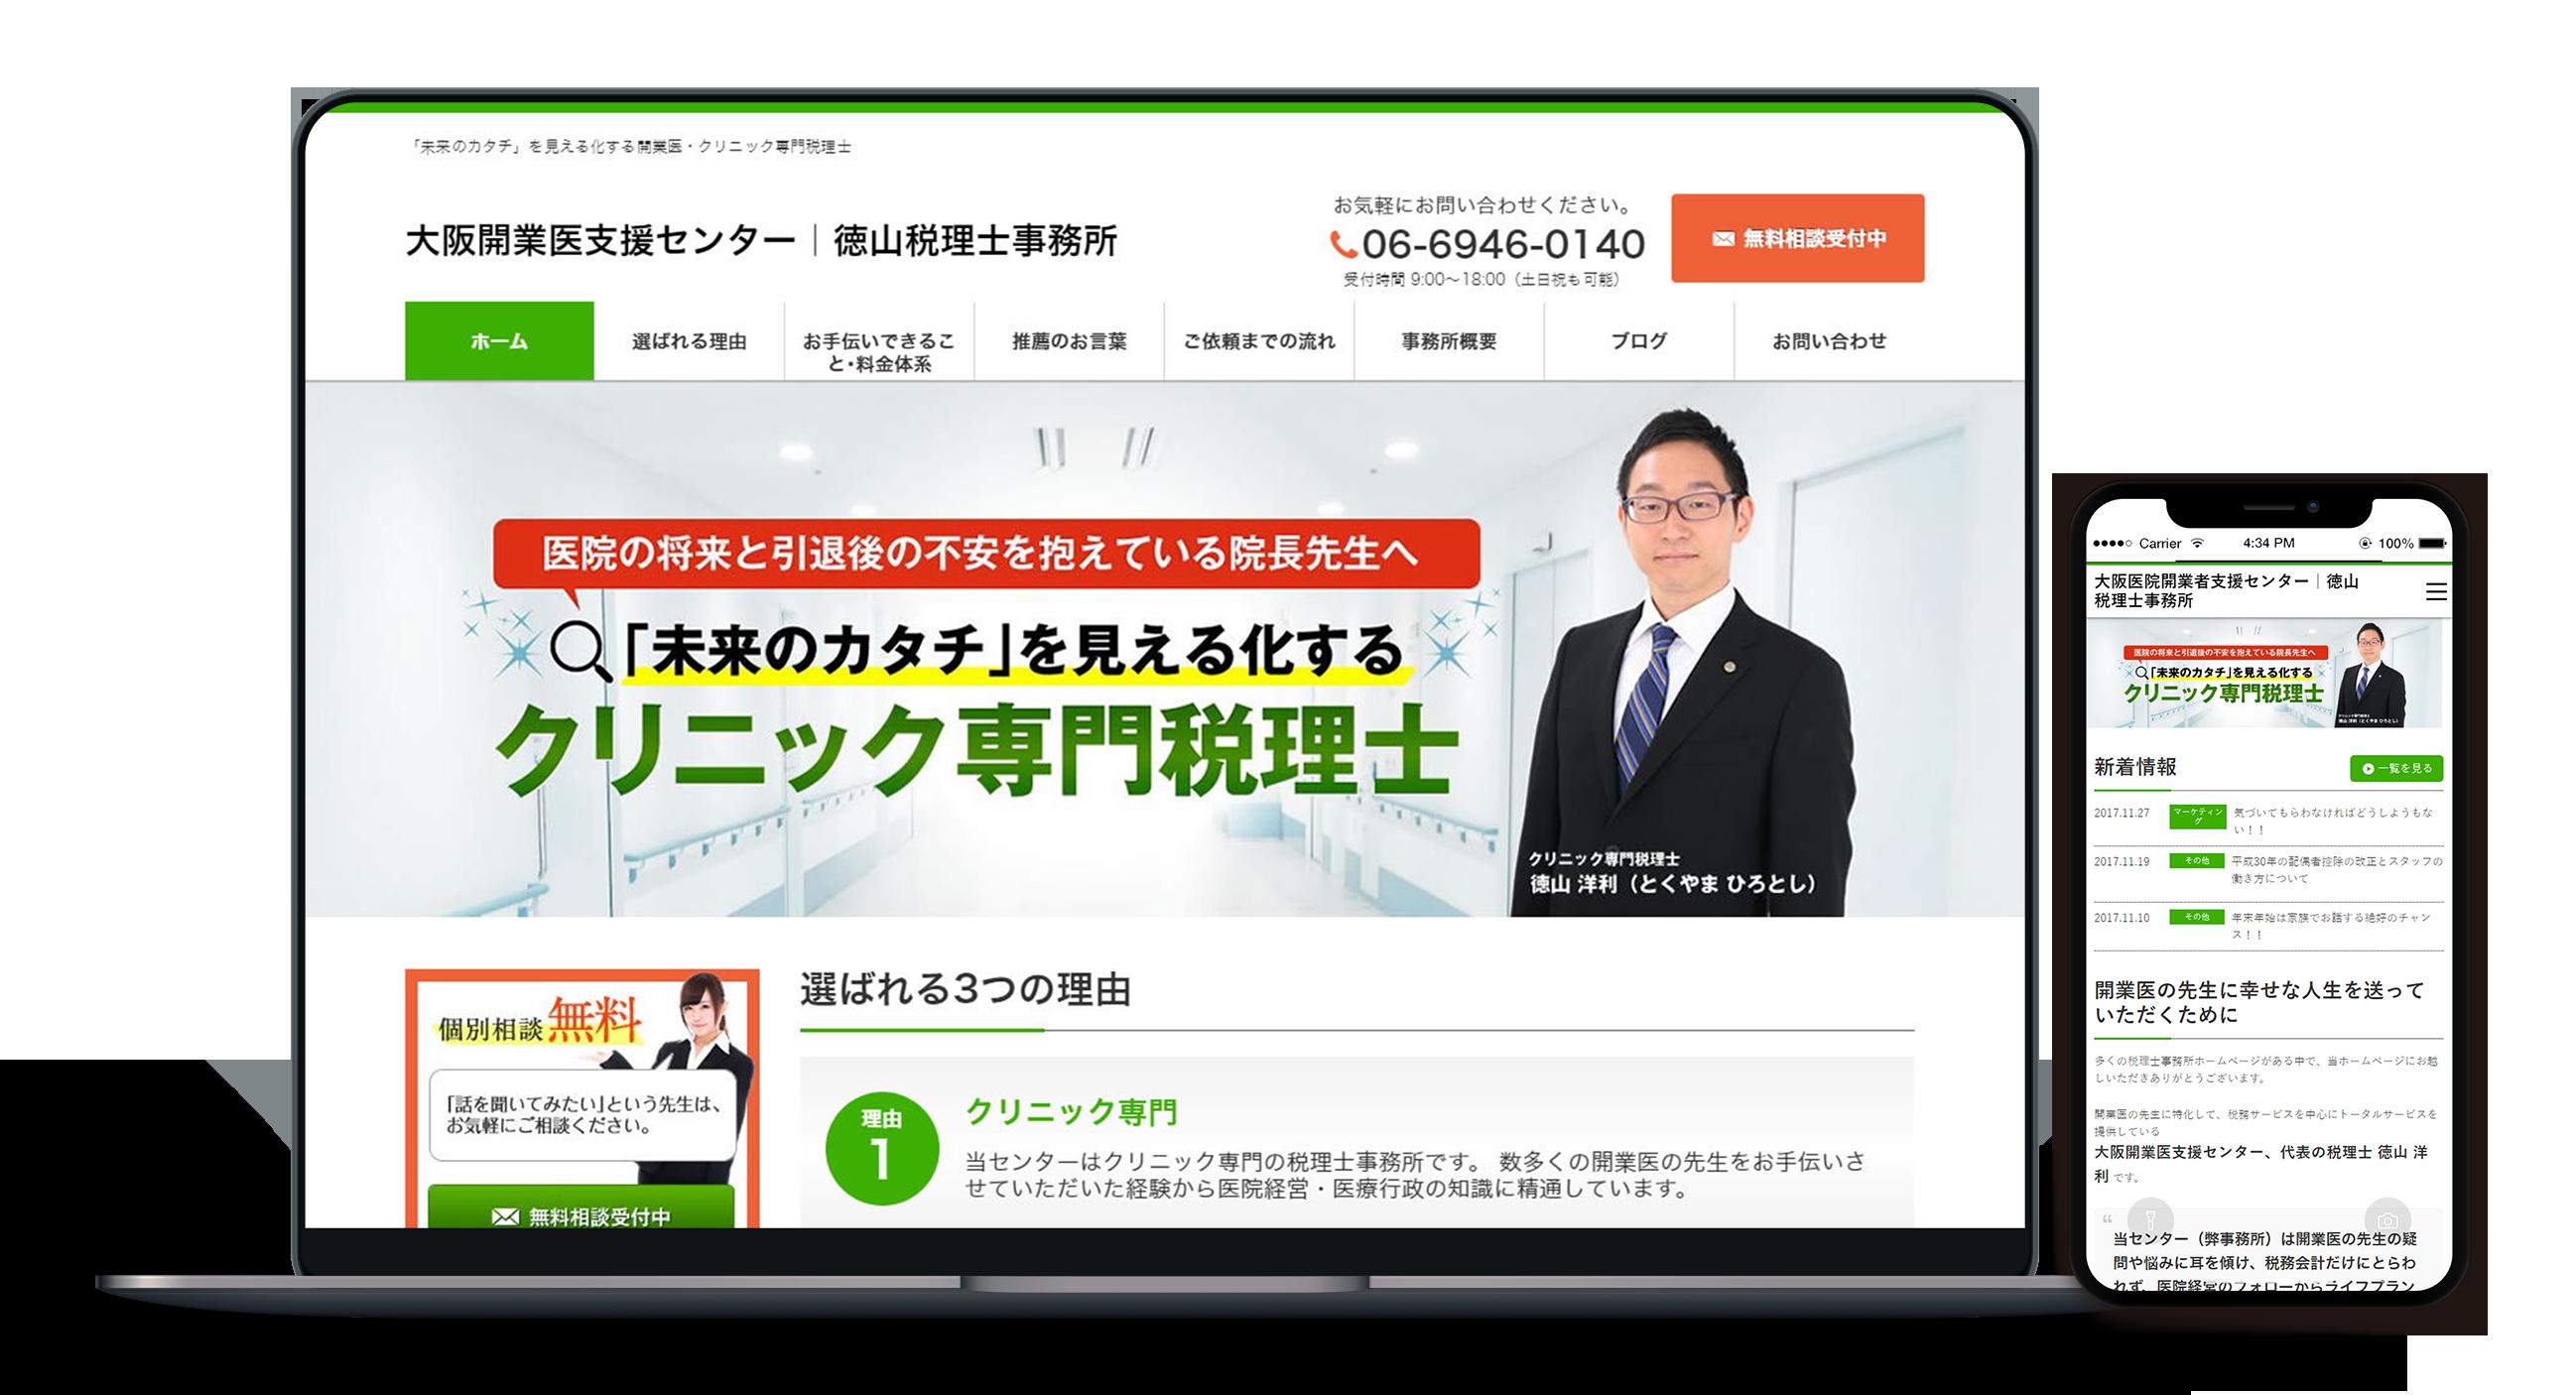 徳山税理士事務所